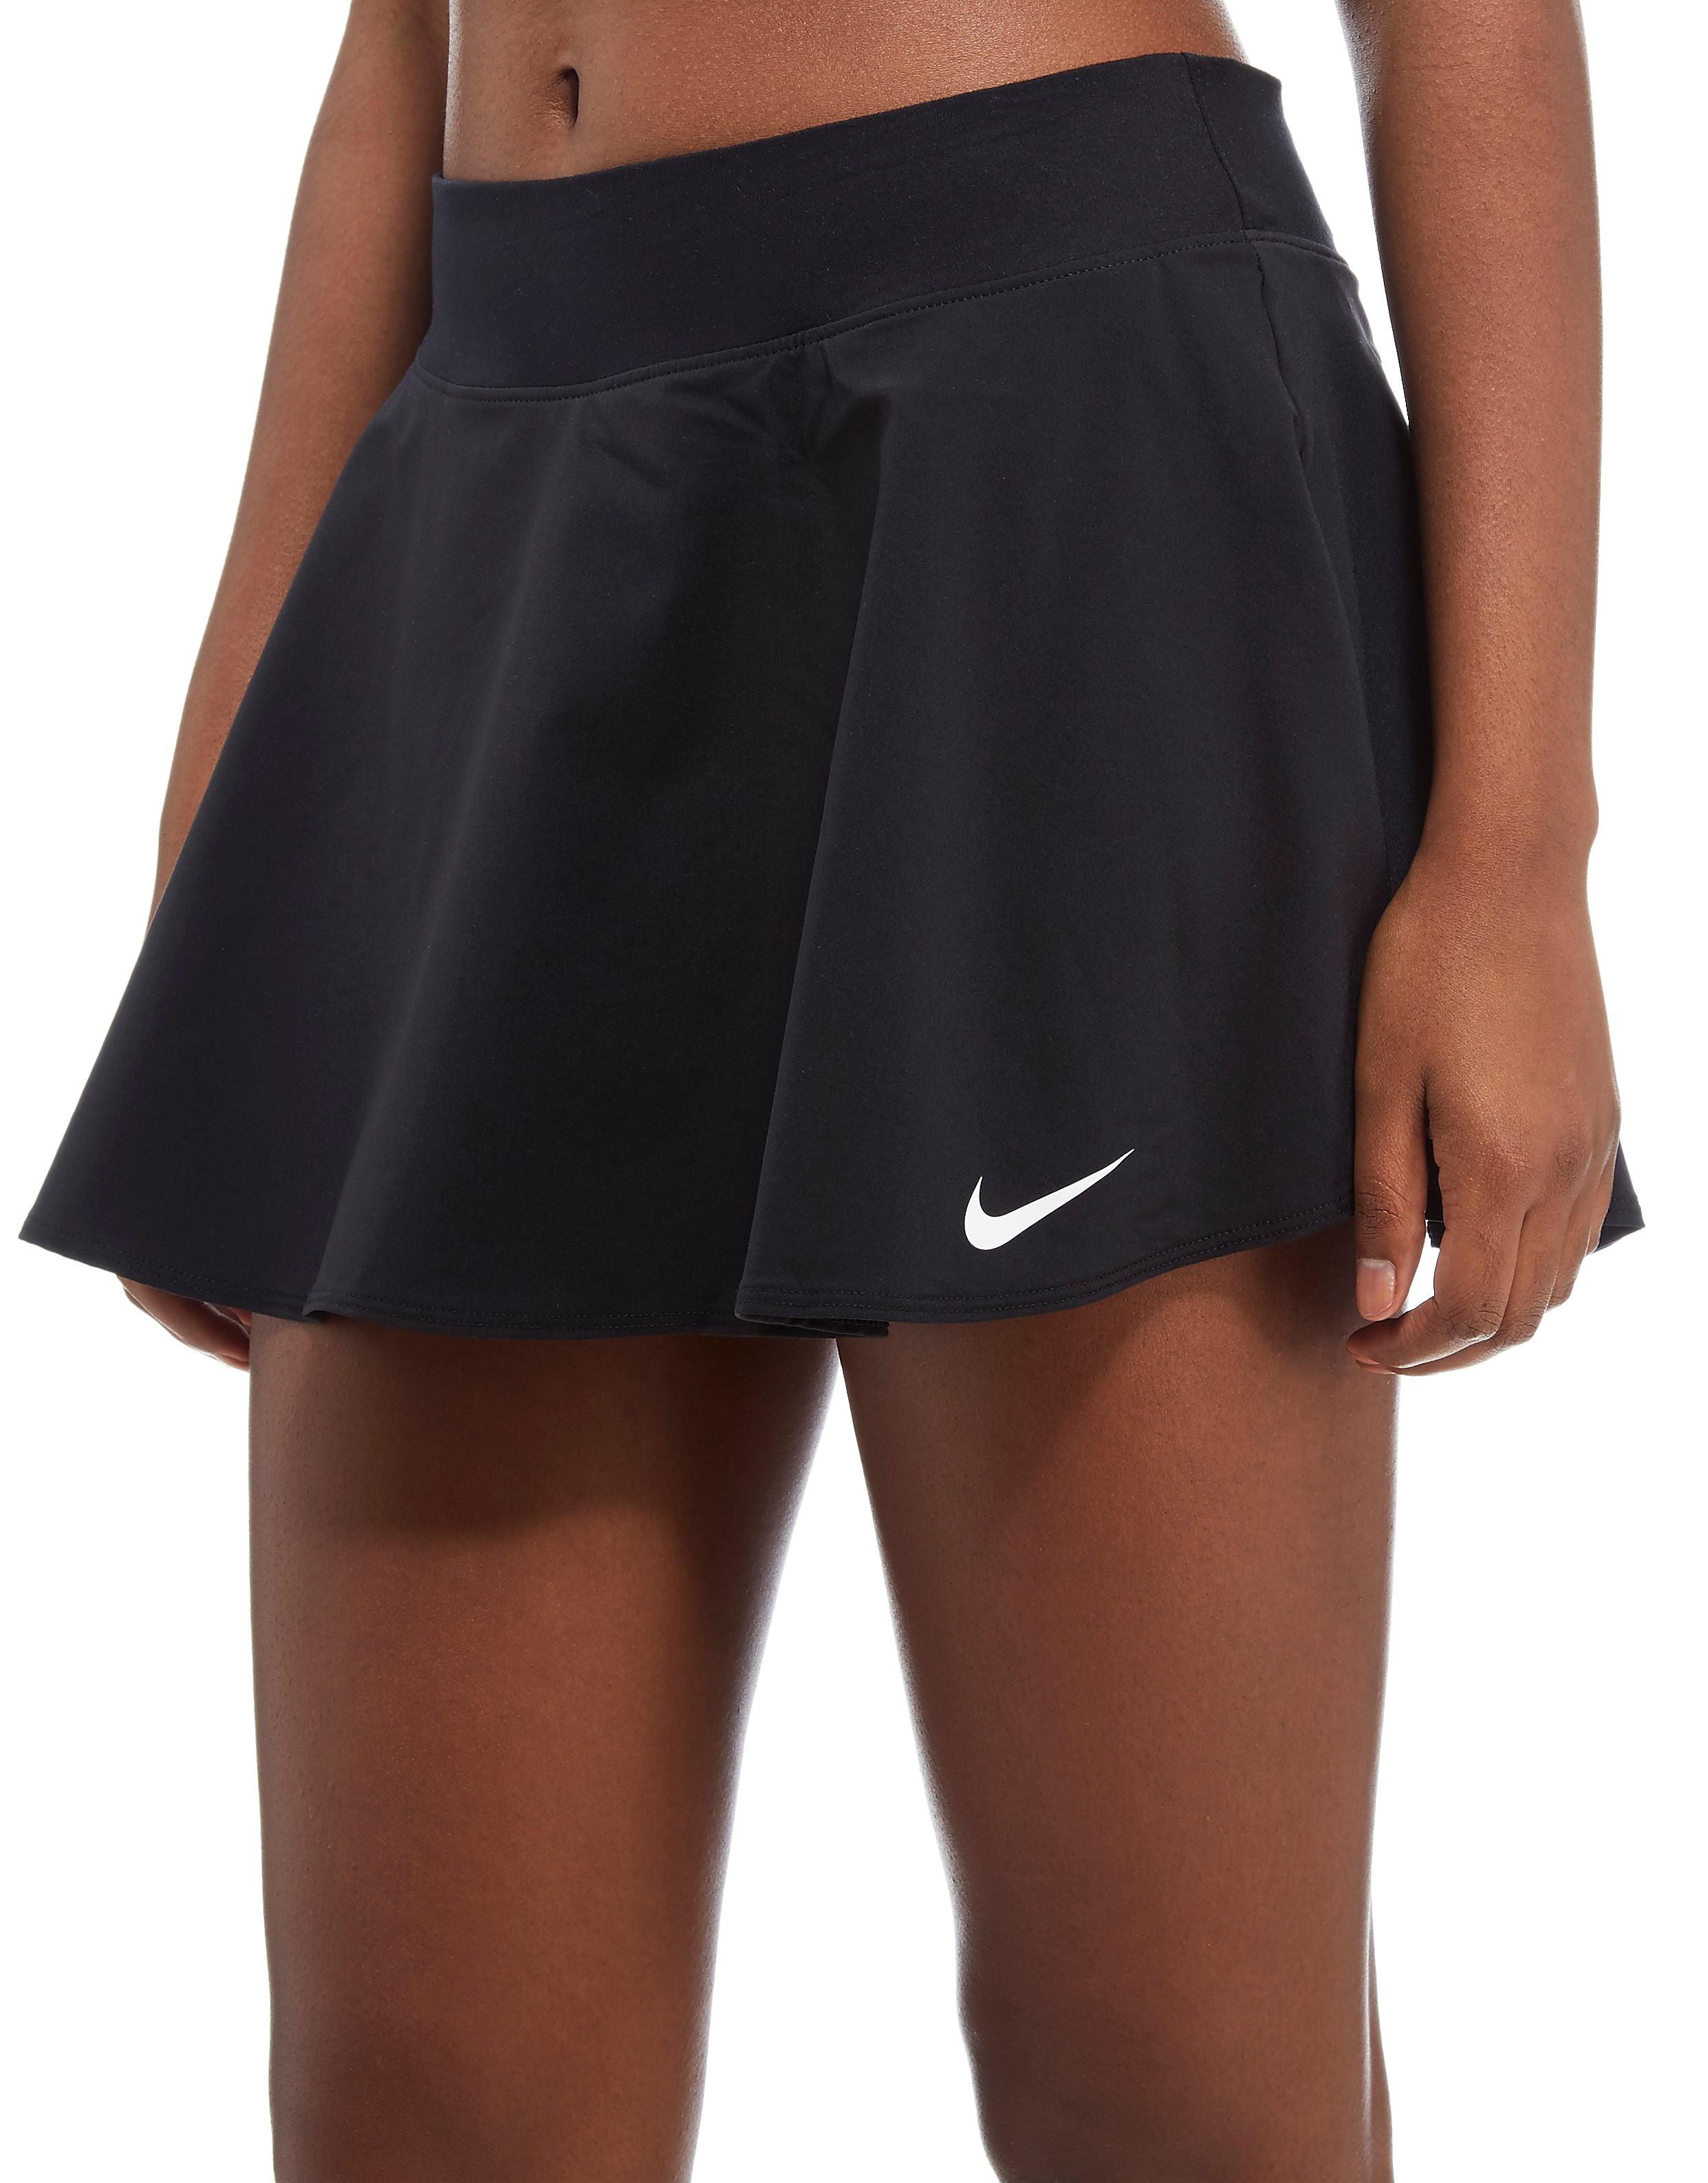 Nike Womens Court Pure Skort